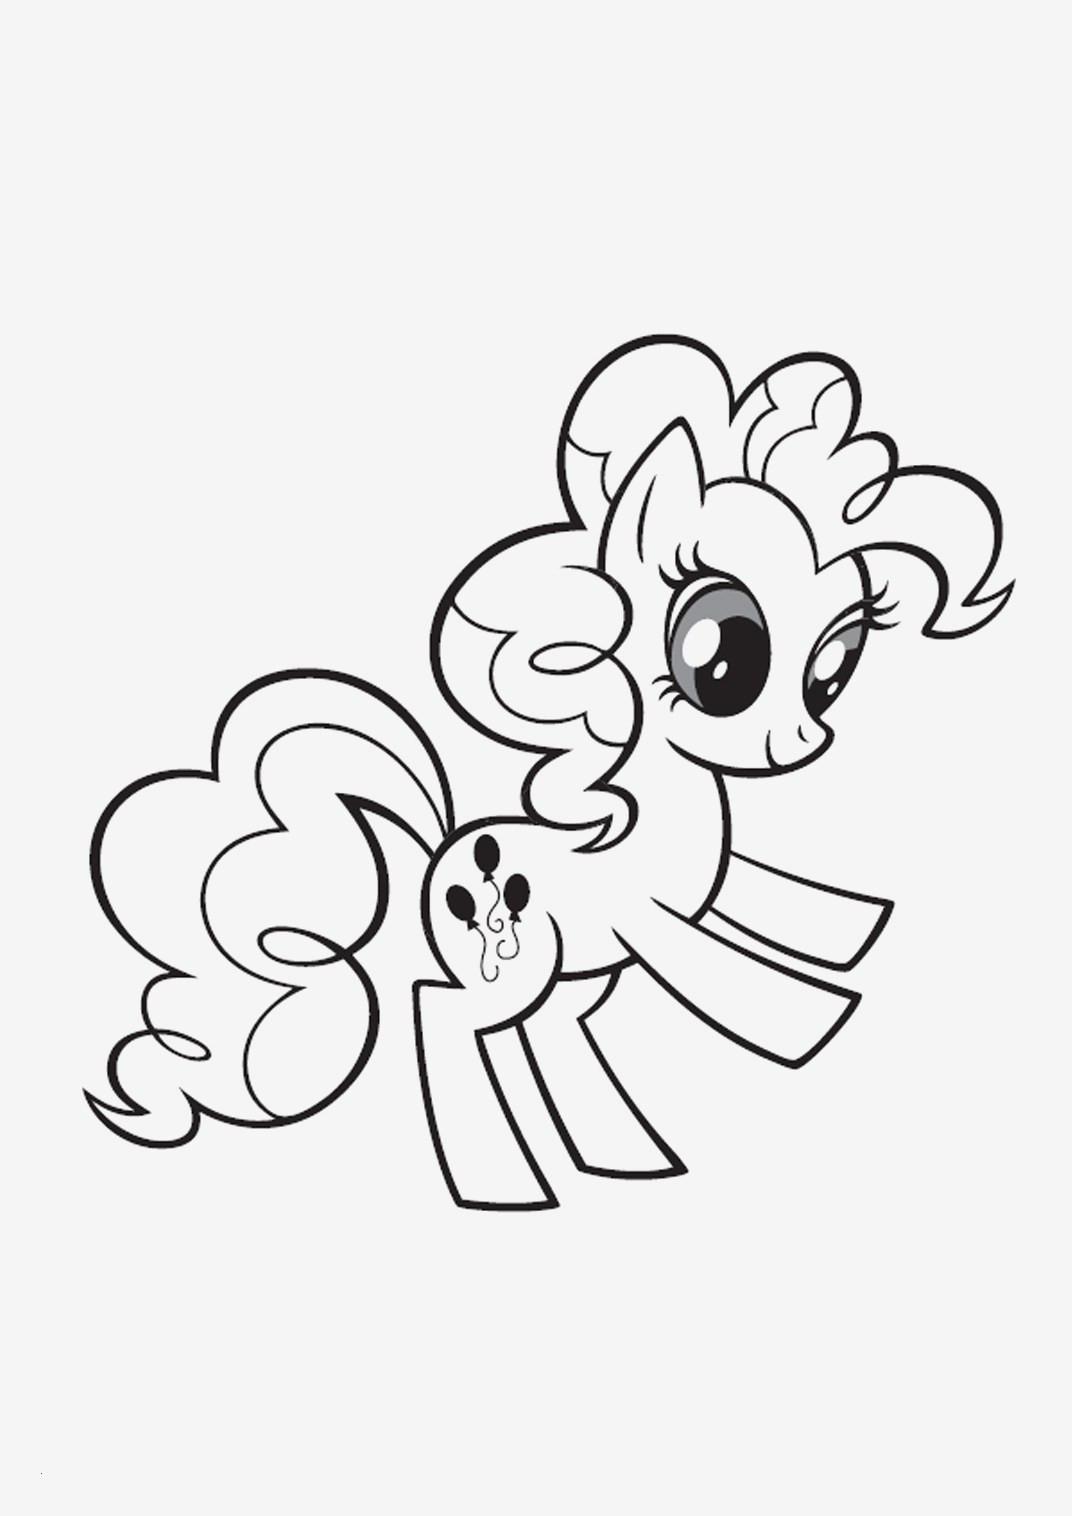 Ausmalbild My Little Pony Frisch Ausmalbilder My Little Pony Prinzessin Cadance Schön 40 My Little Bilder